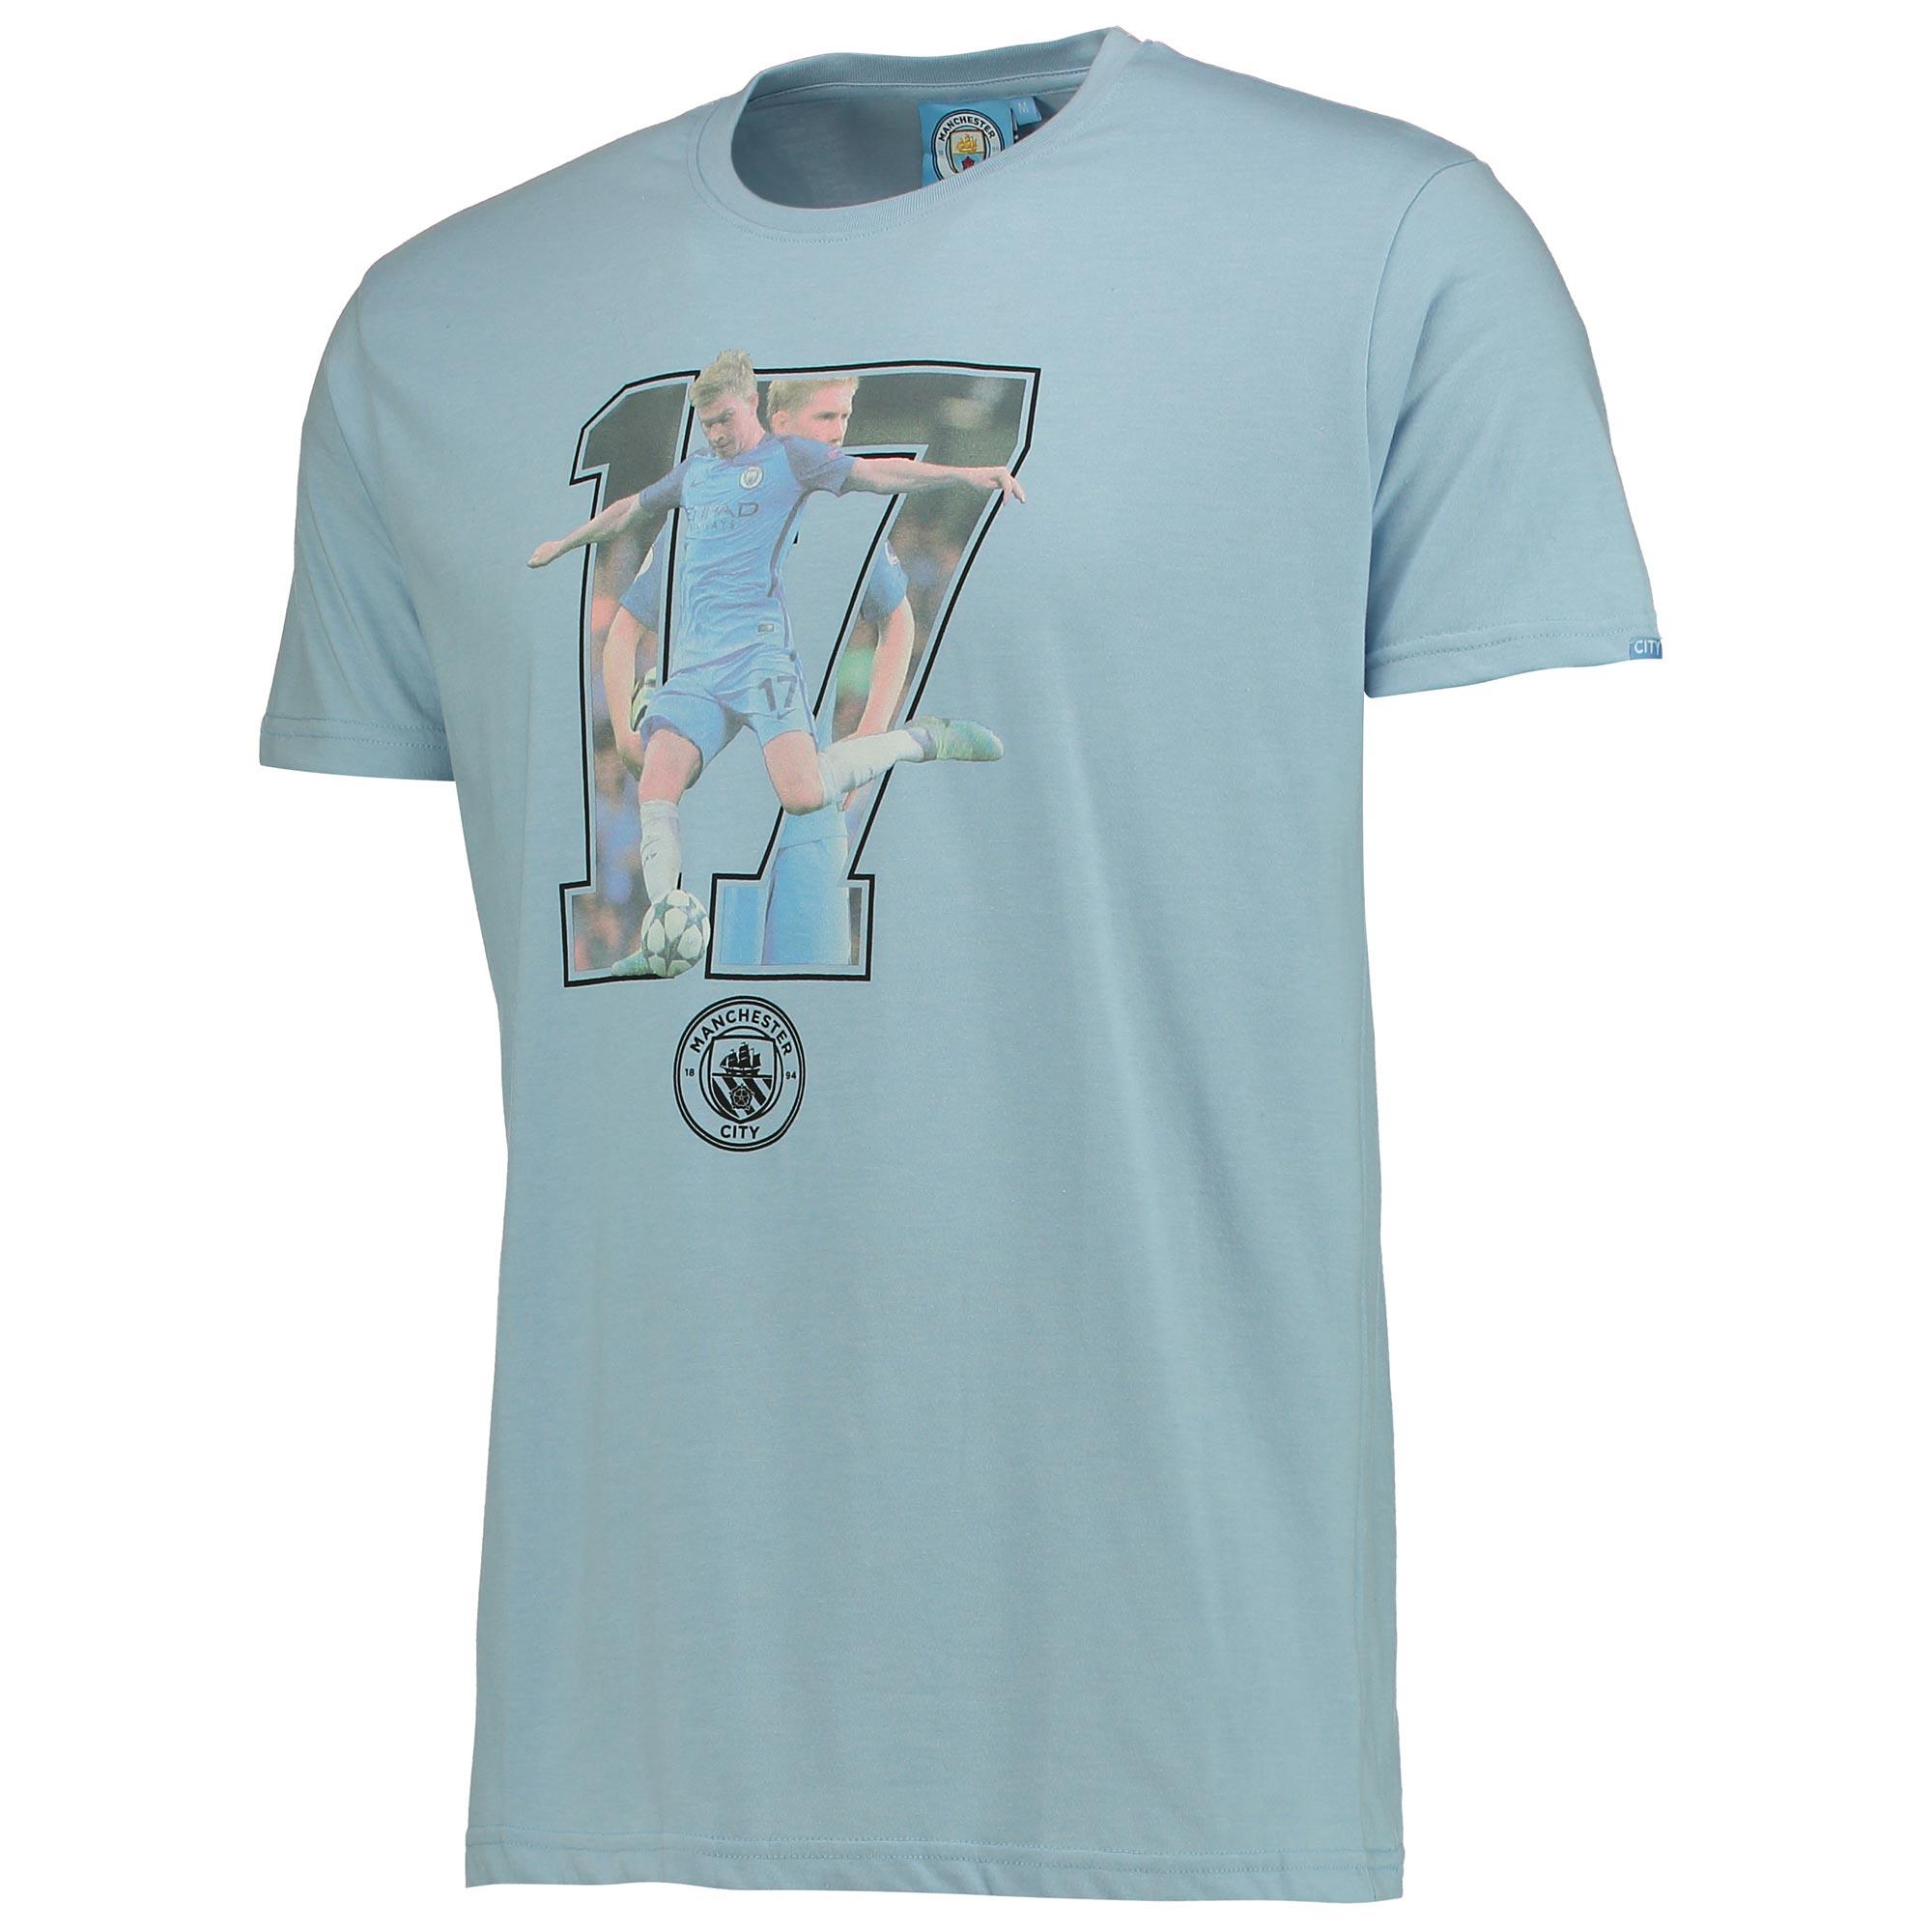 Manchester City De Bruyne T-Shirt - Sky Marl